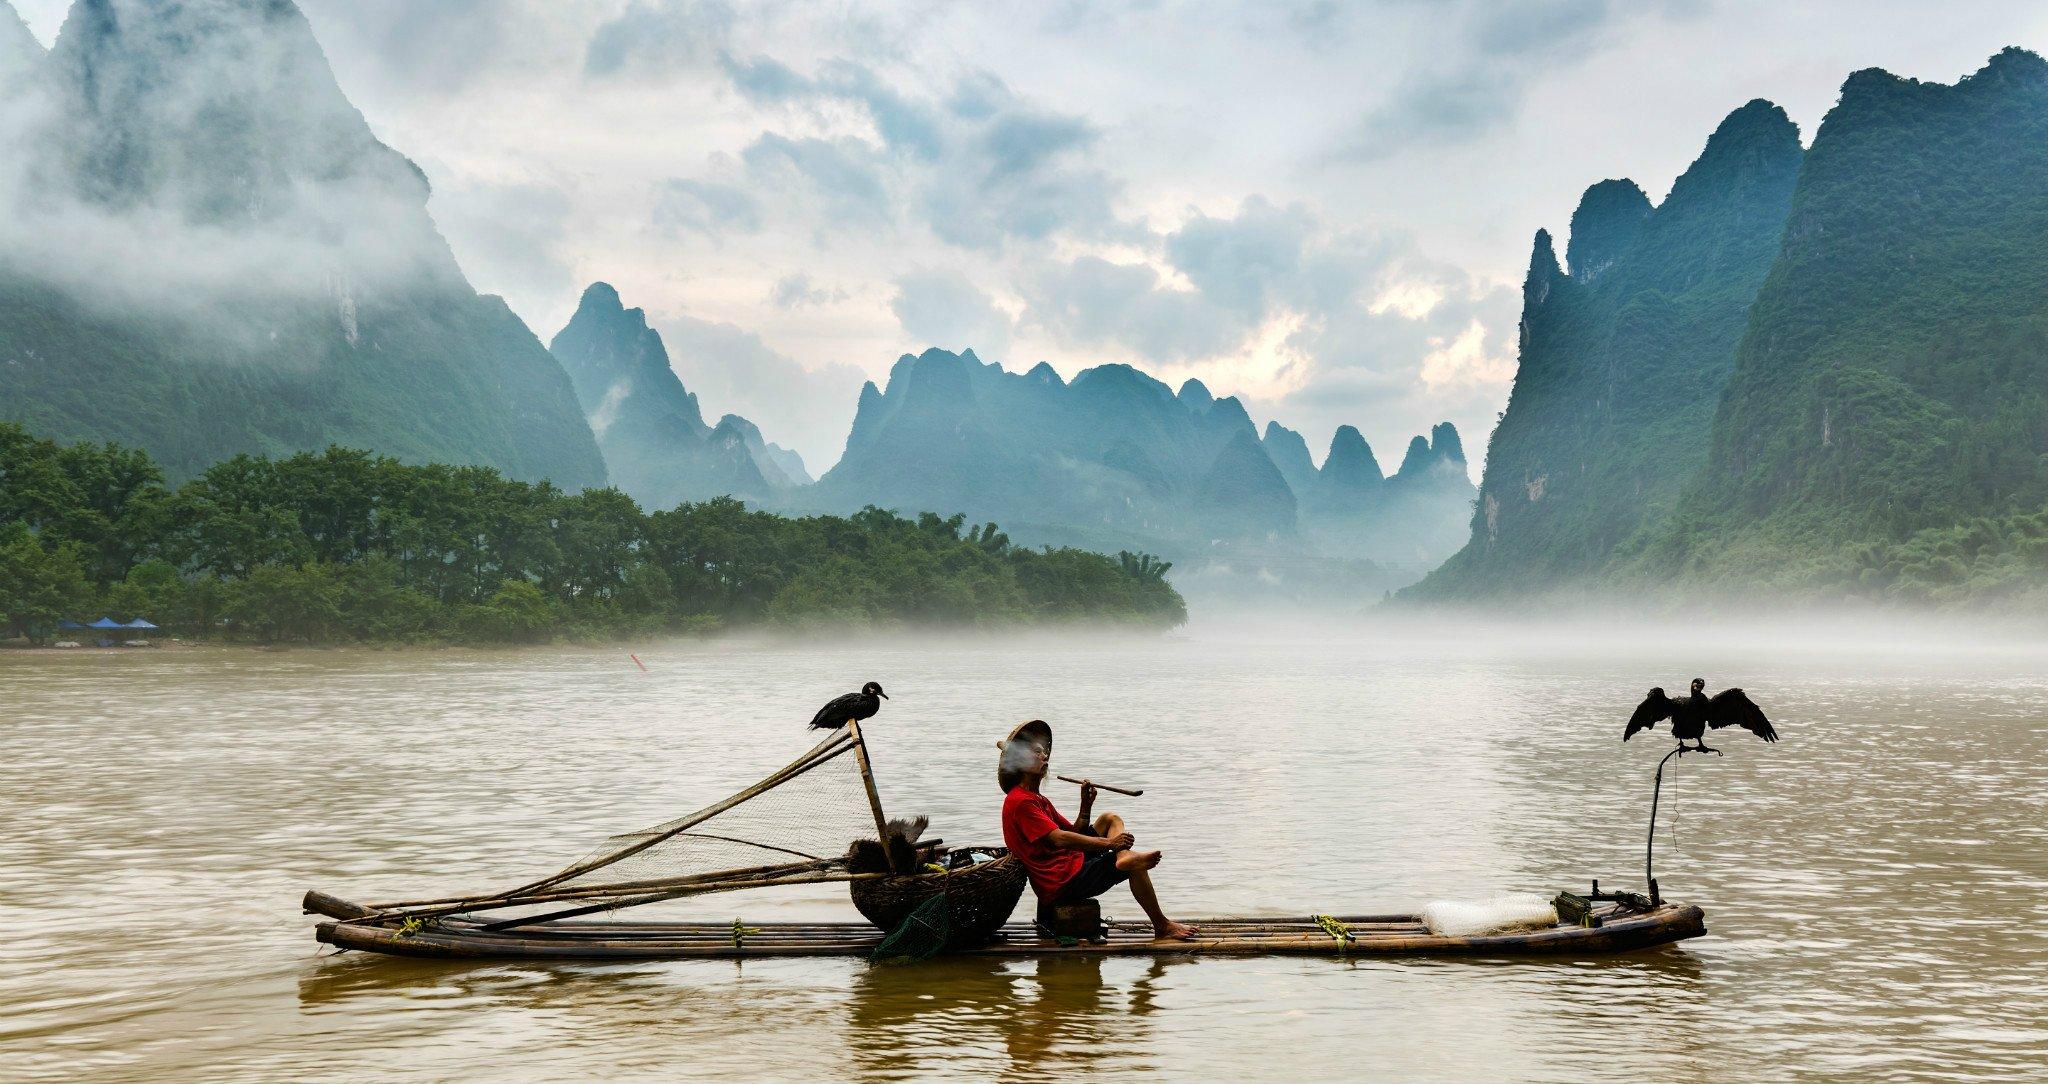 桂林旅游攻略(正确的)桂林山水甲天下5日游